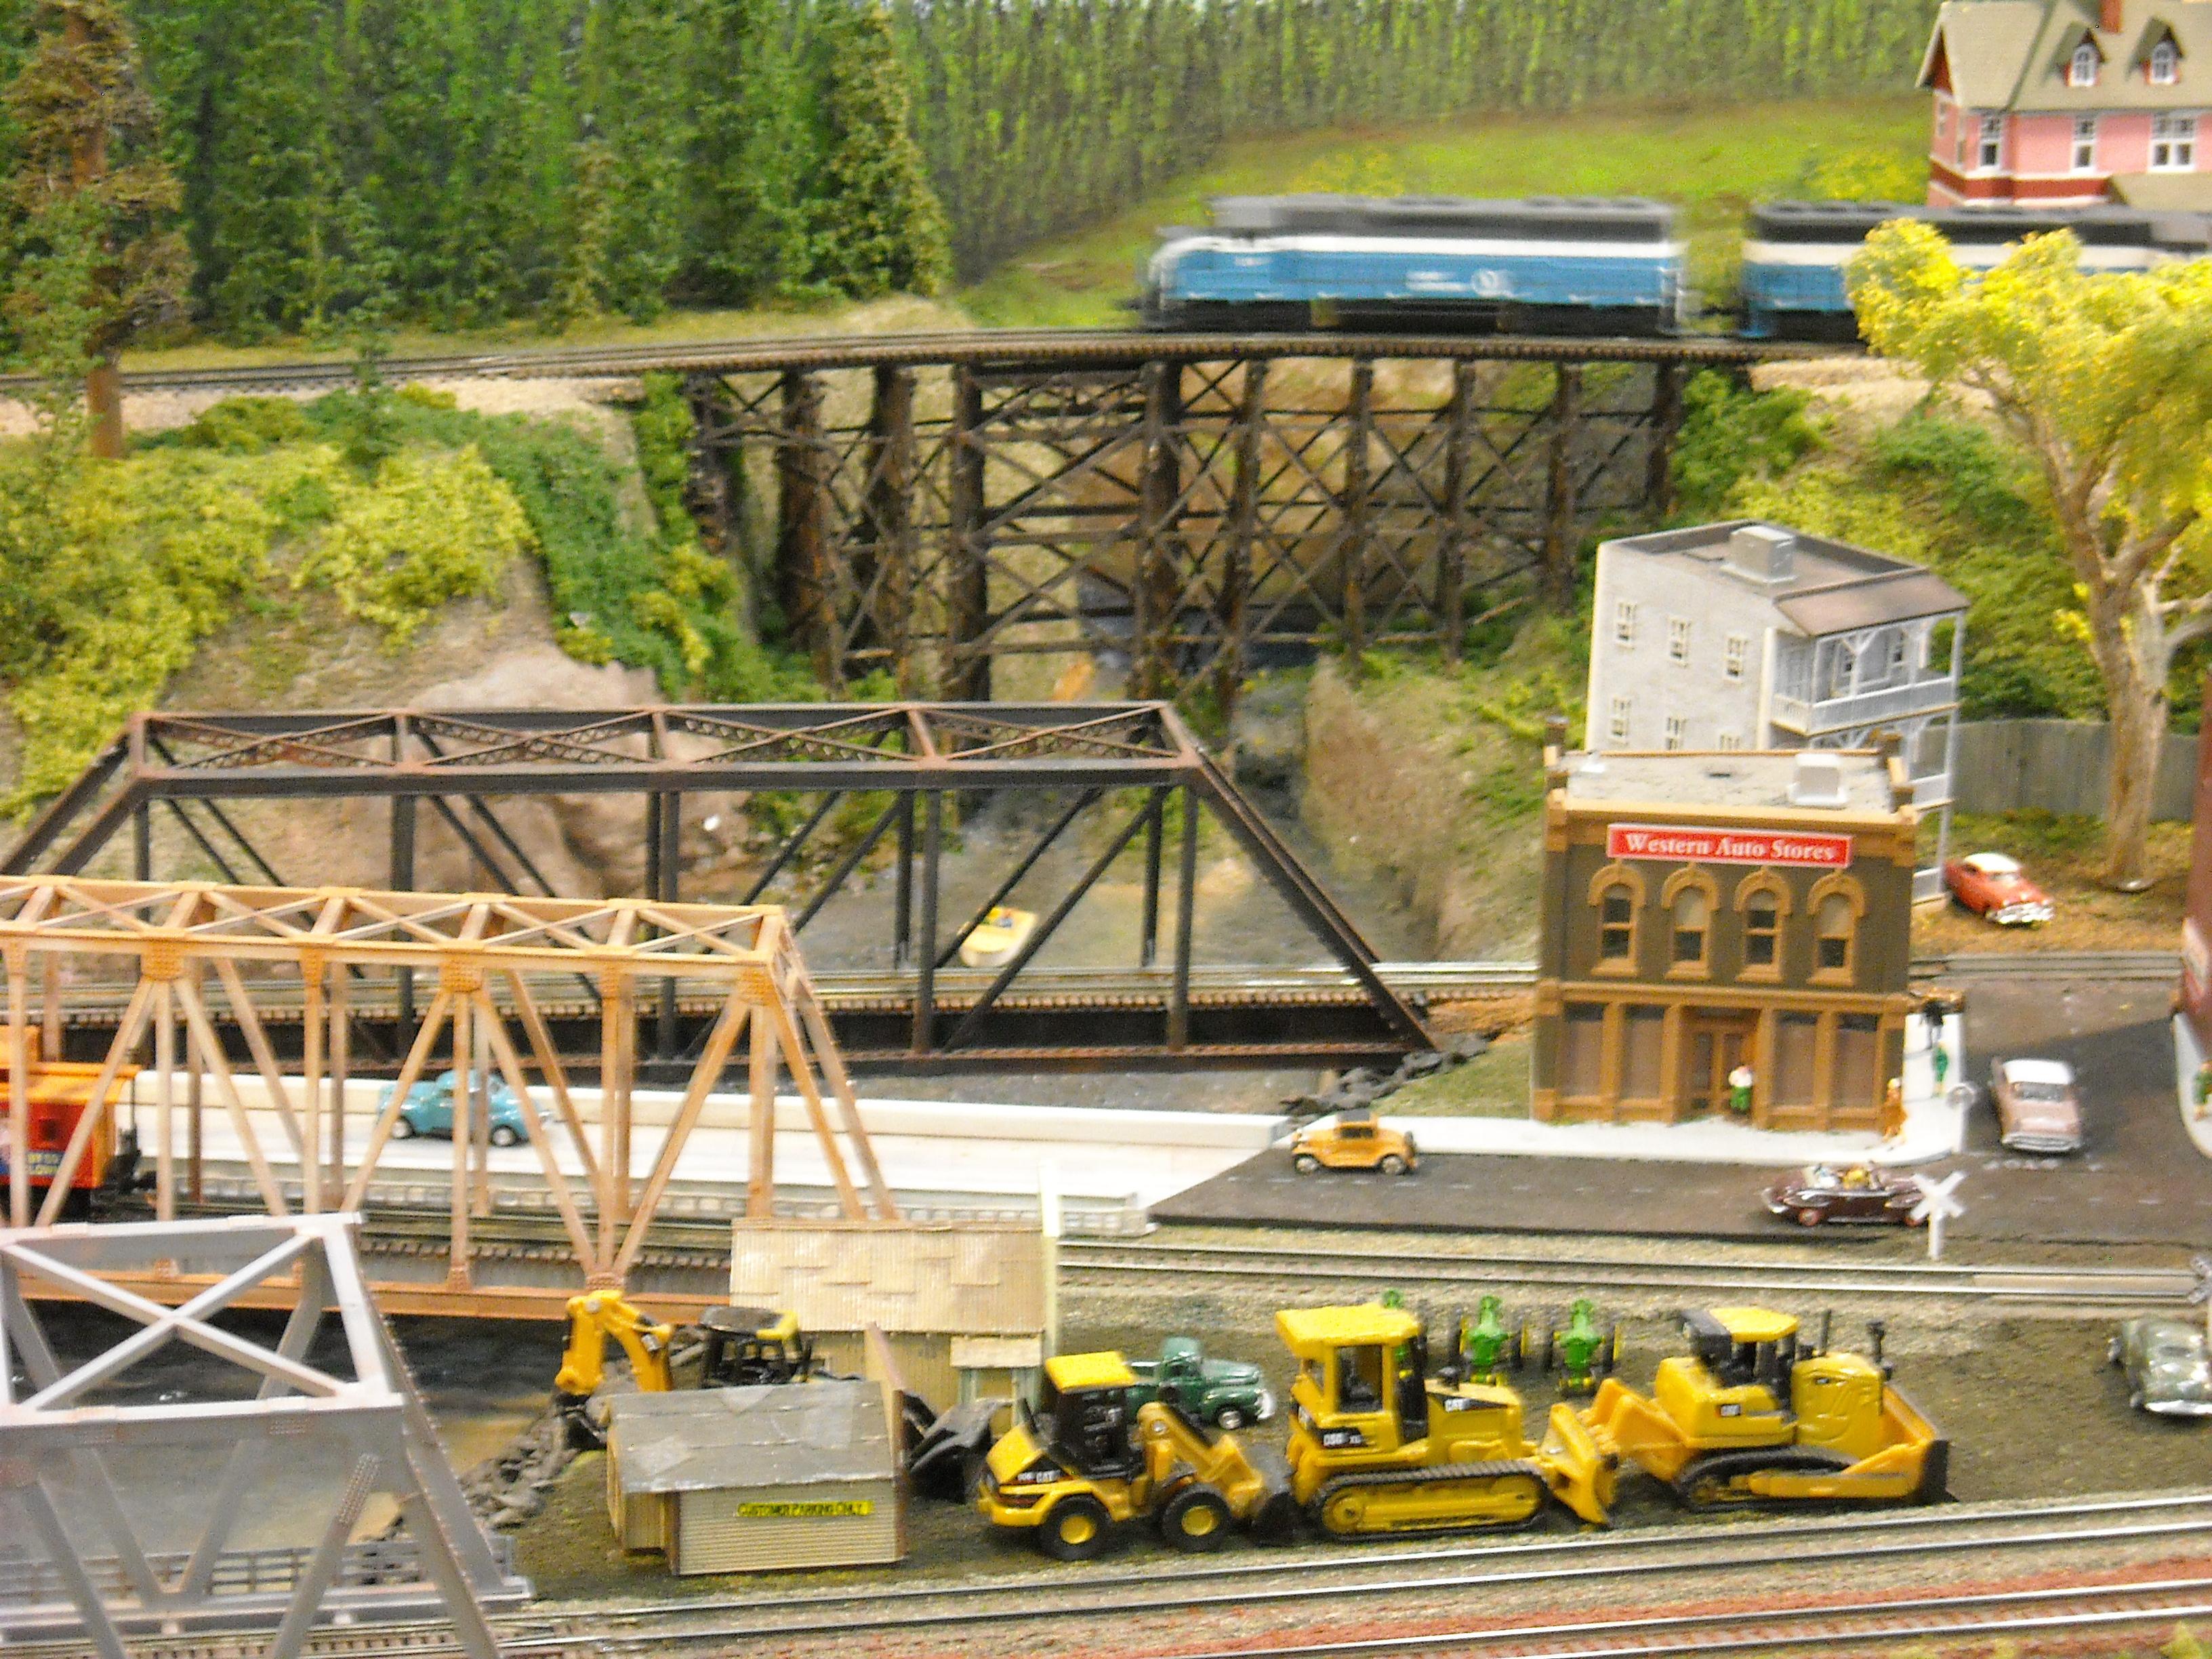 Model railroad canal scene - Model railroad layouts